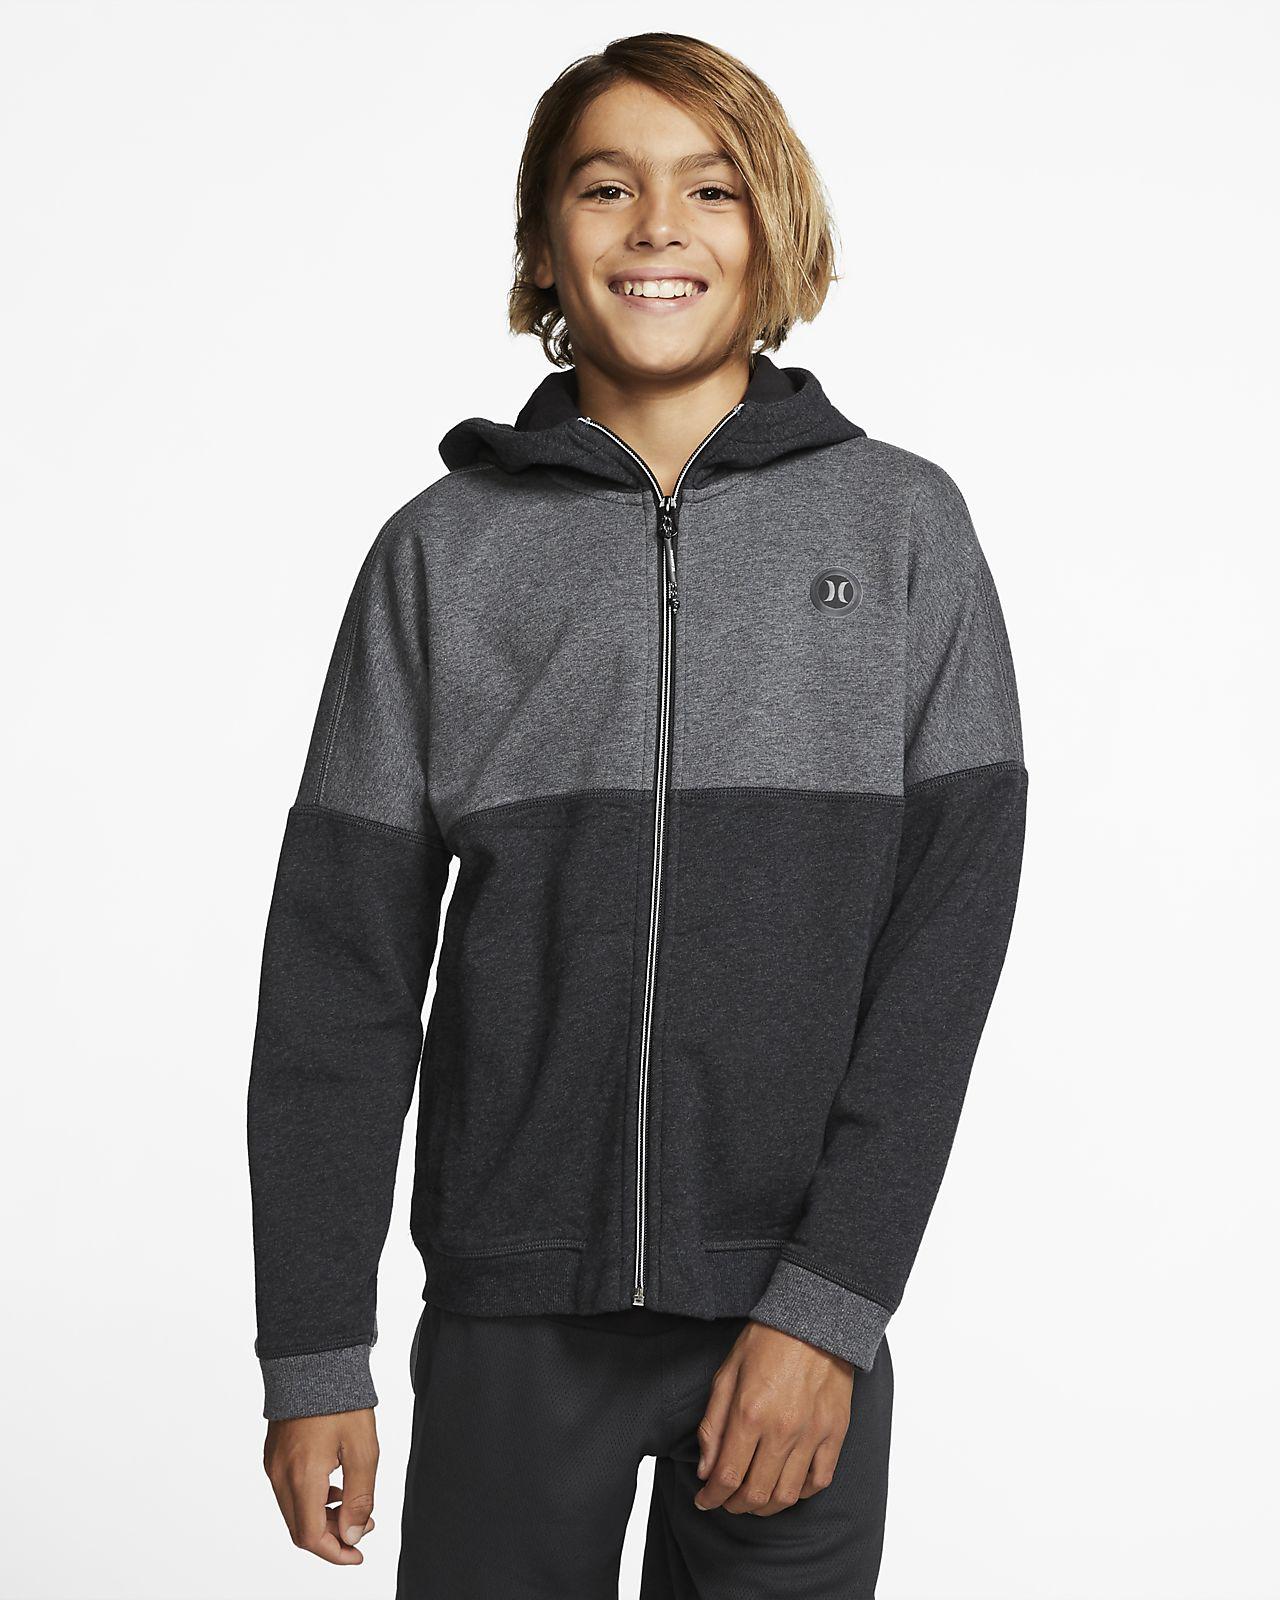 Nike Boys Fleece Sweatshirt Full Tracksuit GreyBlack